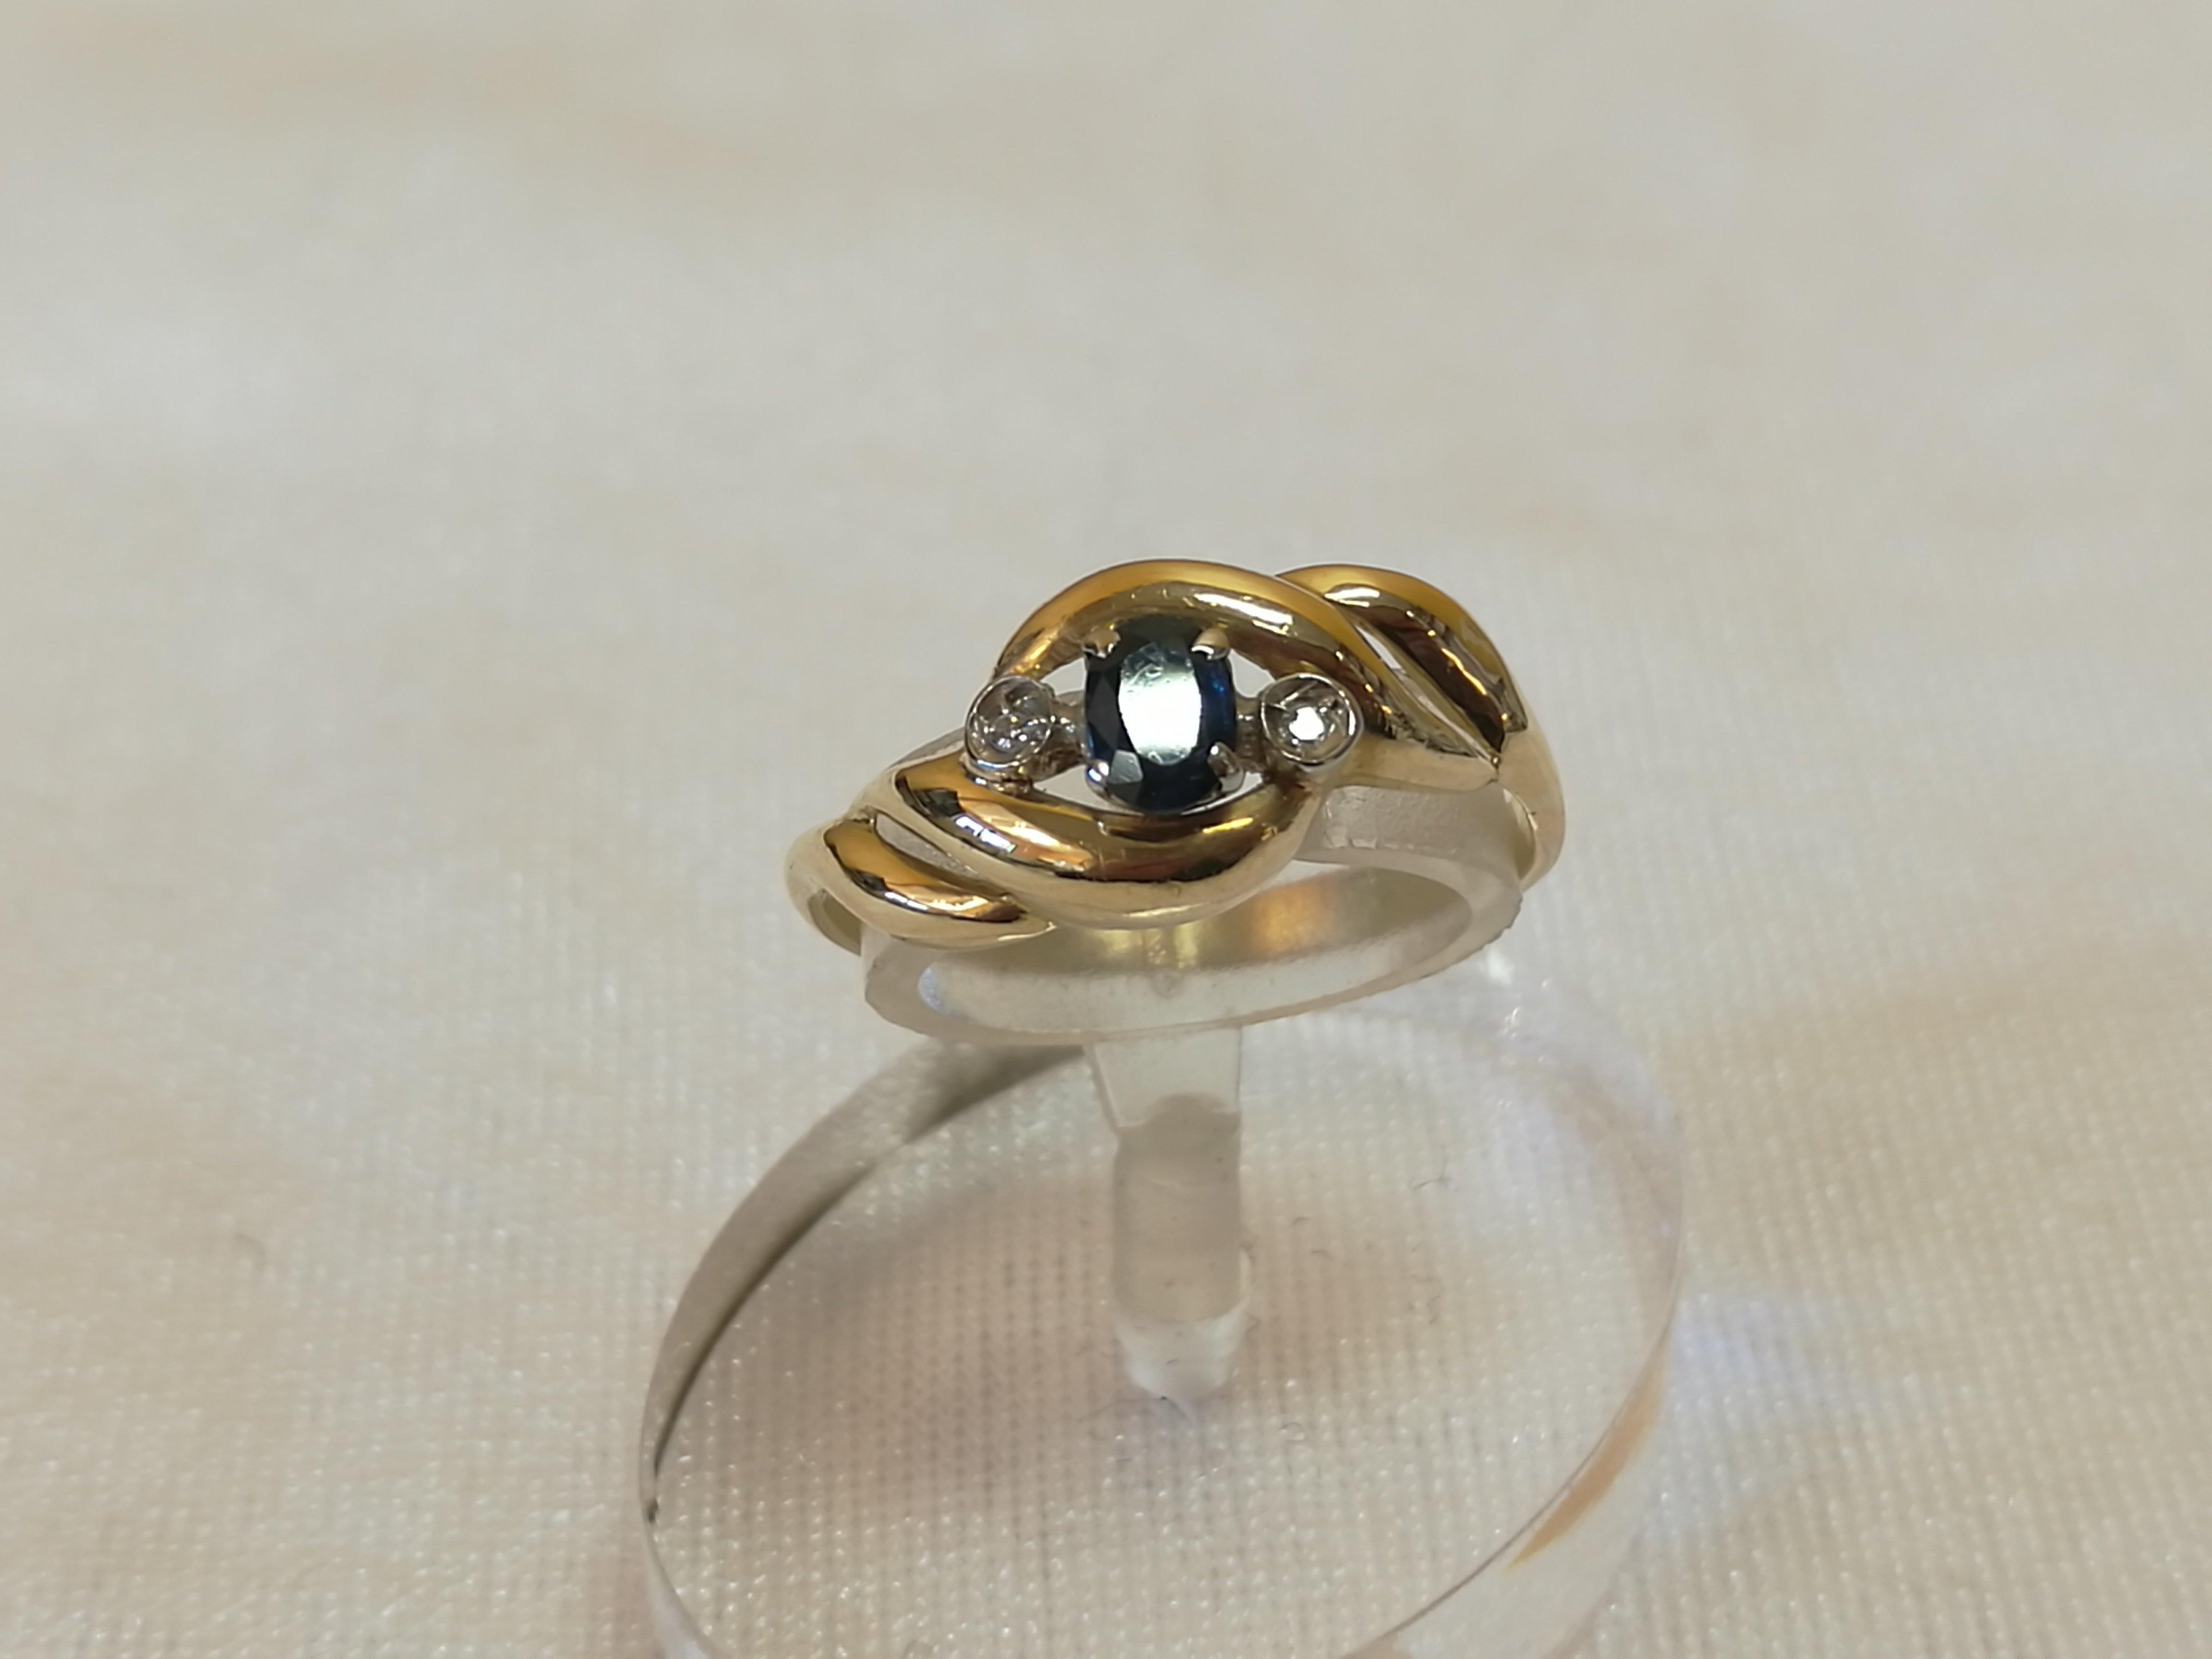 Anello Oro Giallo 18 carati gr 2.46 con zaffiro centrale e  diamantini 0.02 MISURA 14 F568-E